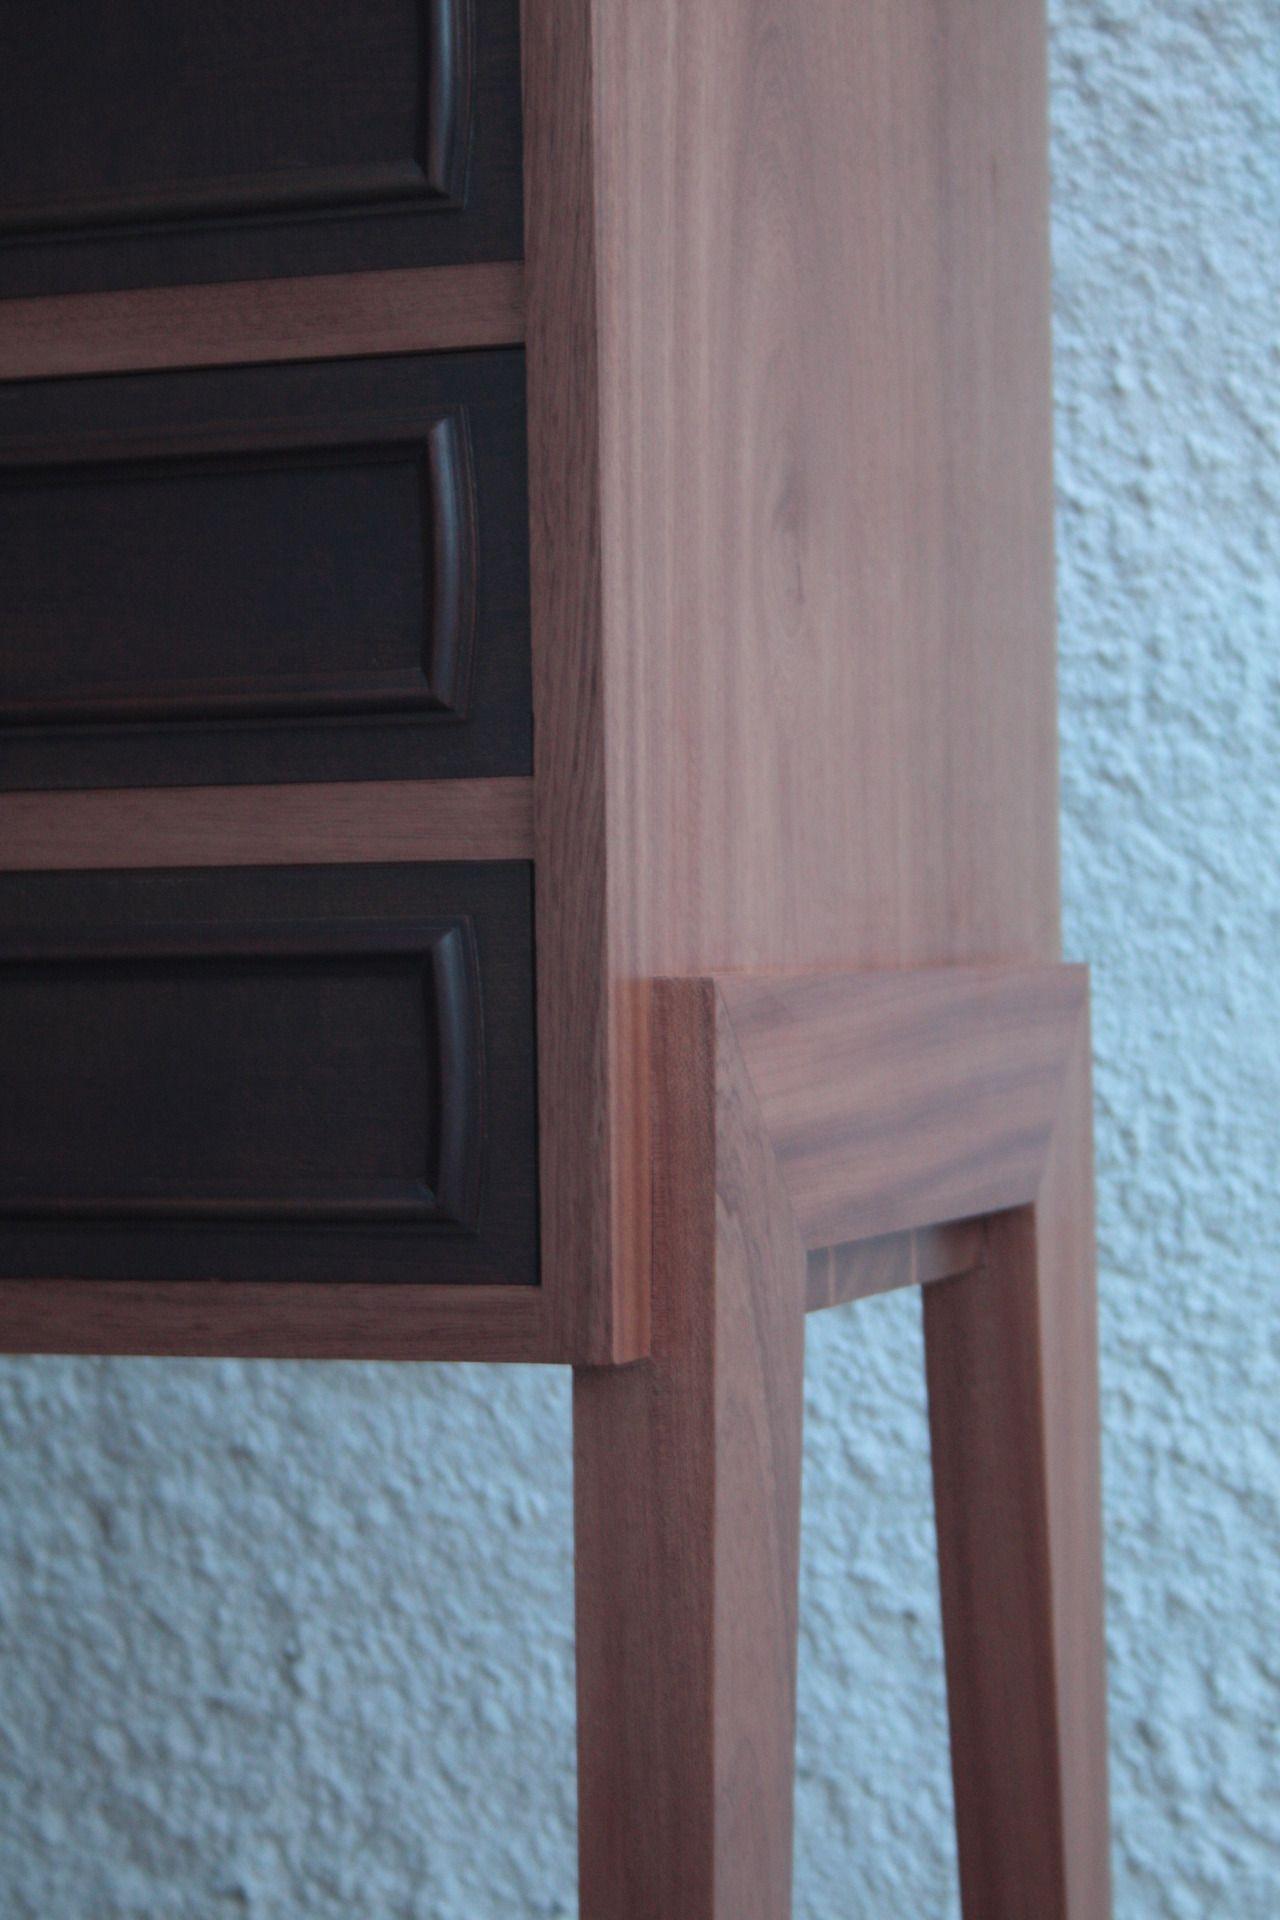 Móvel em madeira maciça, concebido para aproveitar as gavetas sobreviventes de outro hospedeiro. Modelo e execução da Woodmaid Material: Mogno Sapeli Acabamento: Cera natural Altura:1,45m